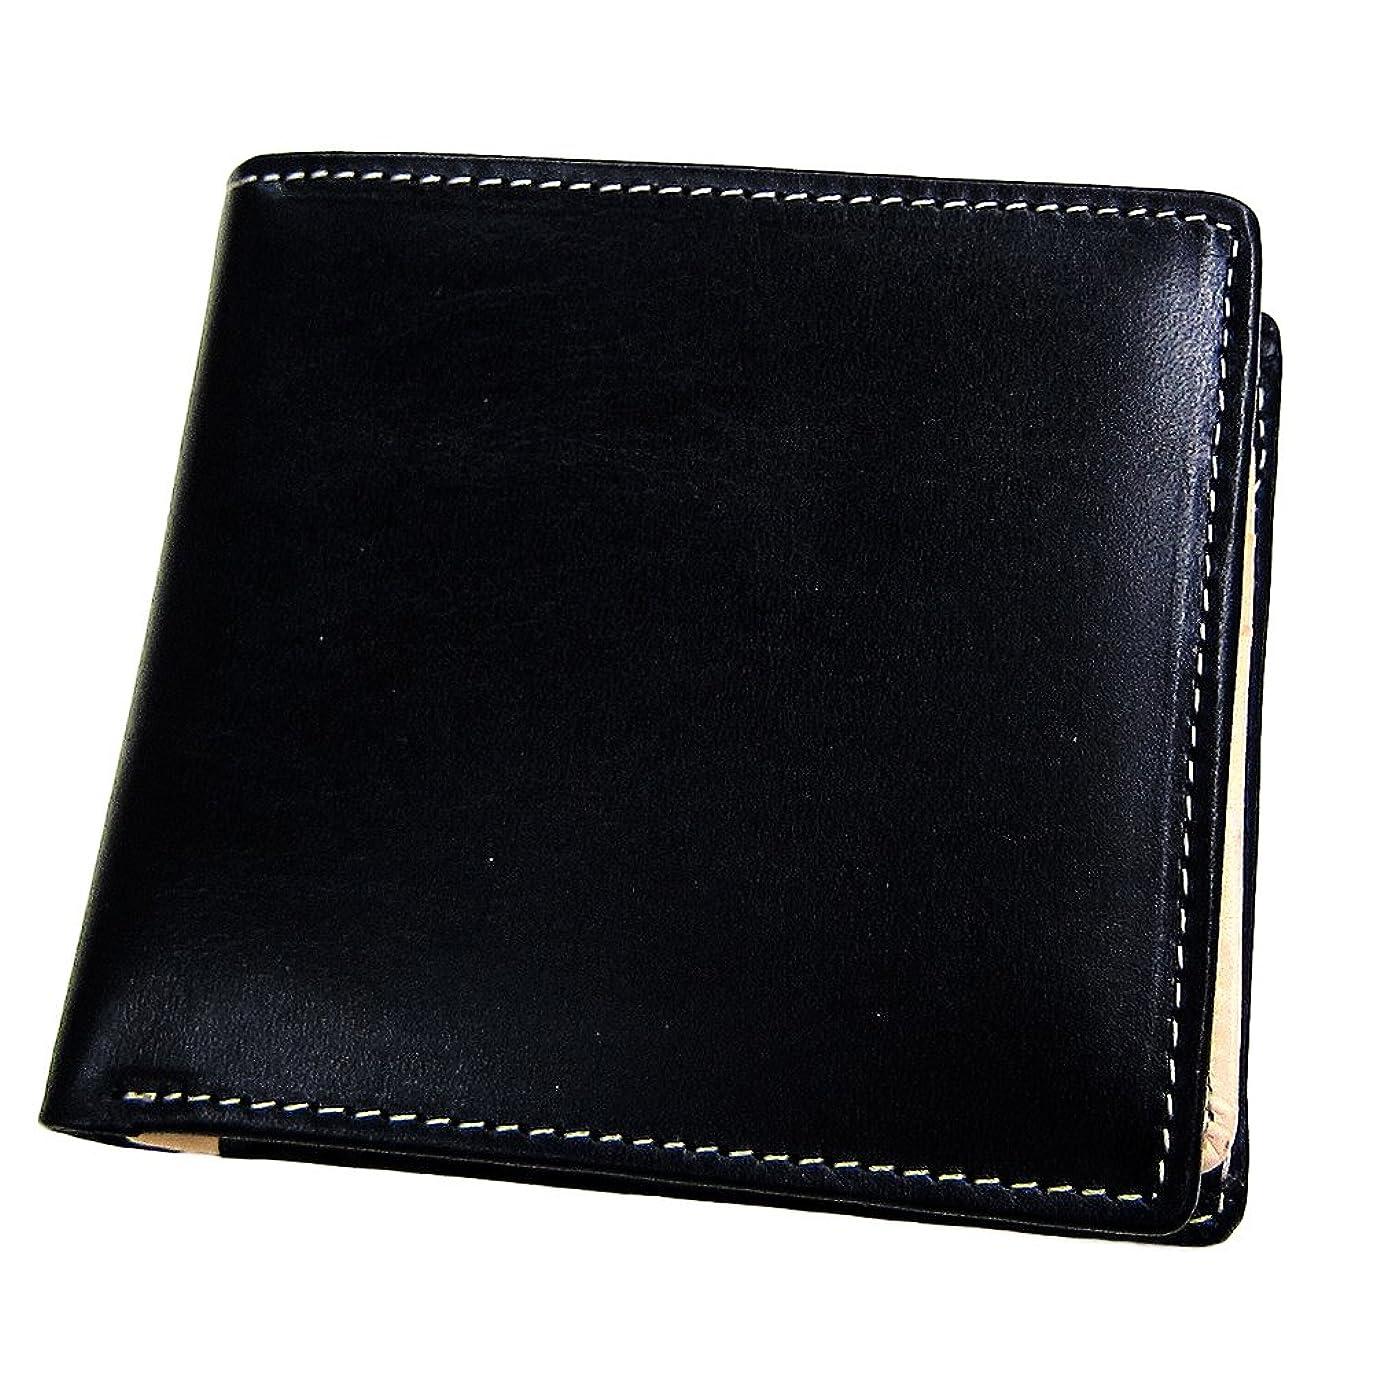 師匠ふさわしい側Maturi マトゥーリ ブライドルレザー×日本製ヌメ革 二つ折財布 MR001 BLACK 黒 ブラック